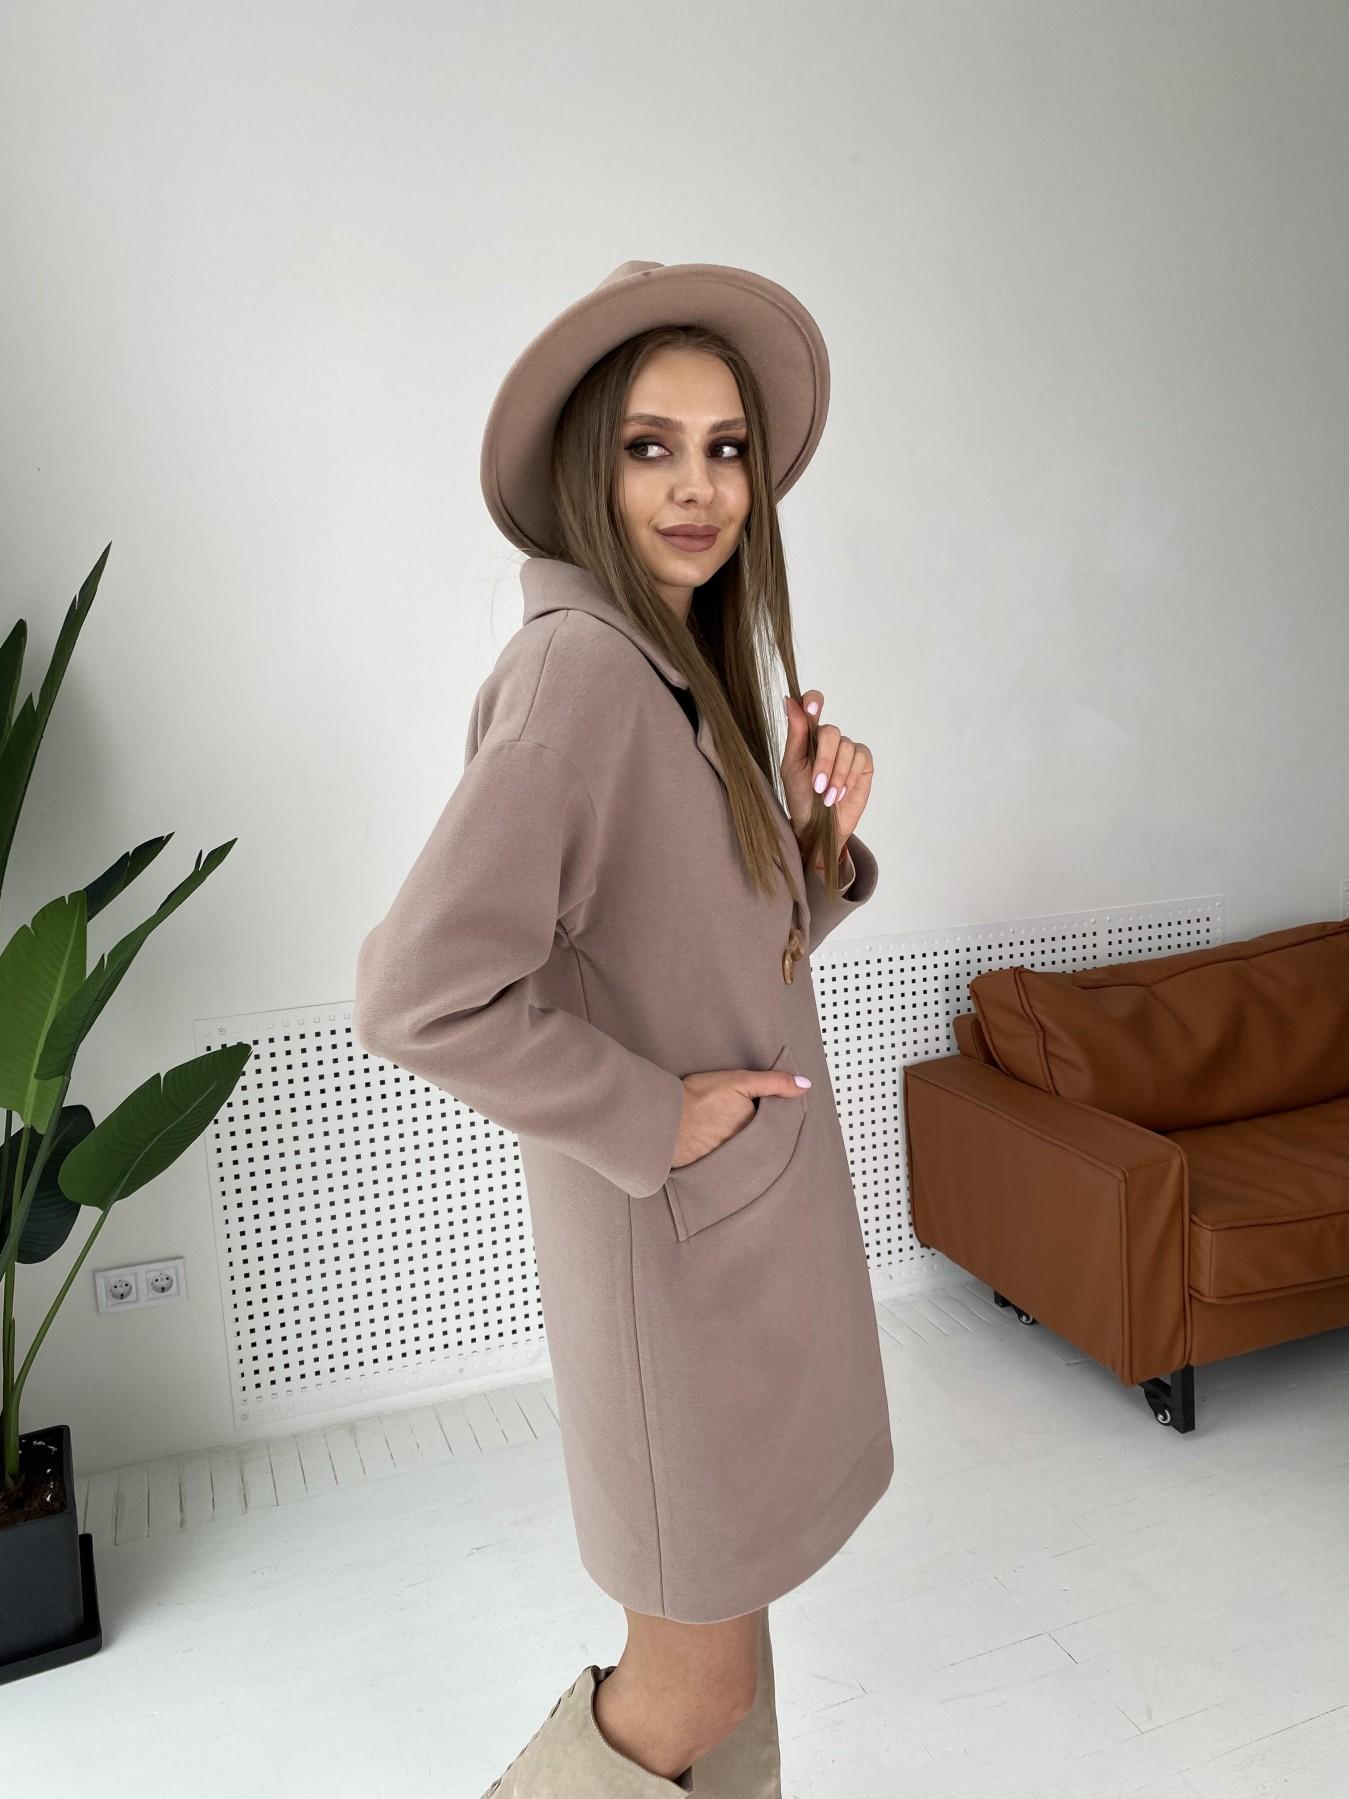 Сенсей пальто  из гладкого кашемира 10905 АРТ. 47372 Цвет: Кофе - фото 4, интернет магазин tm-modus.ru